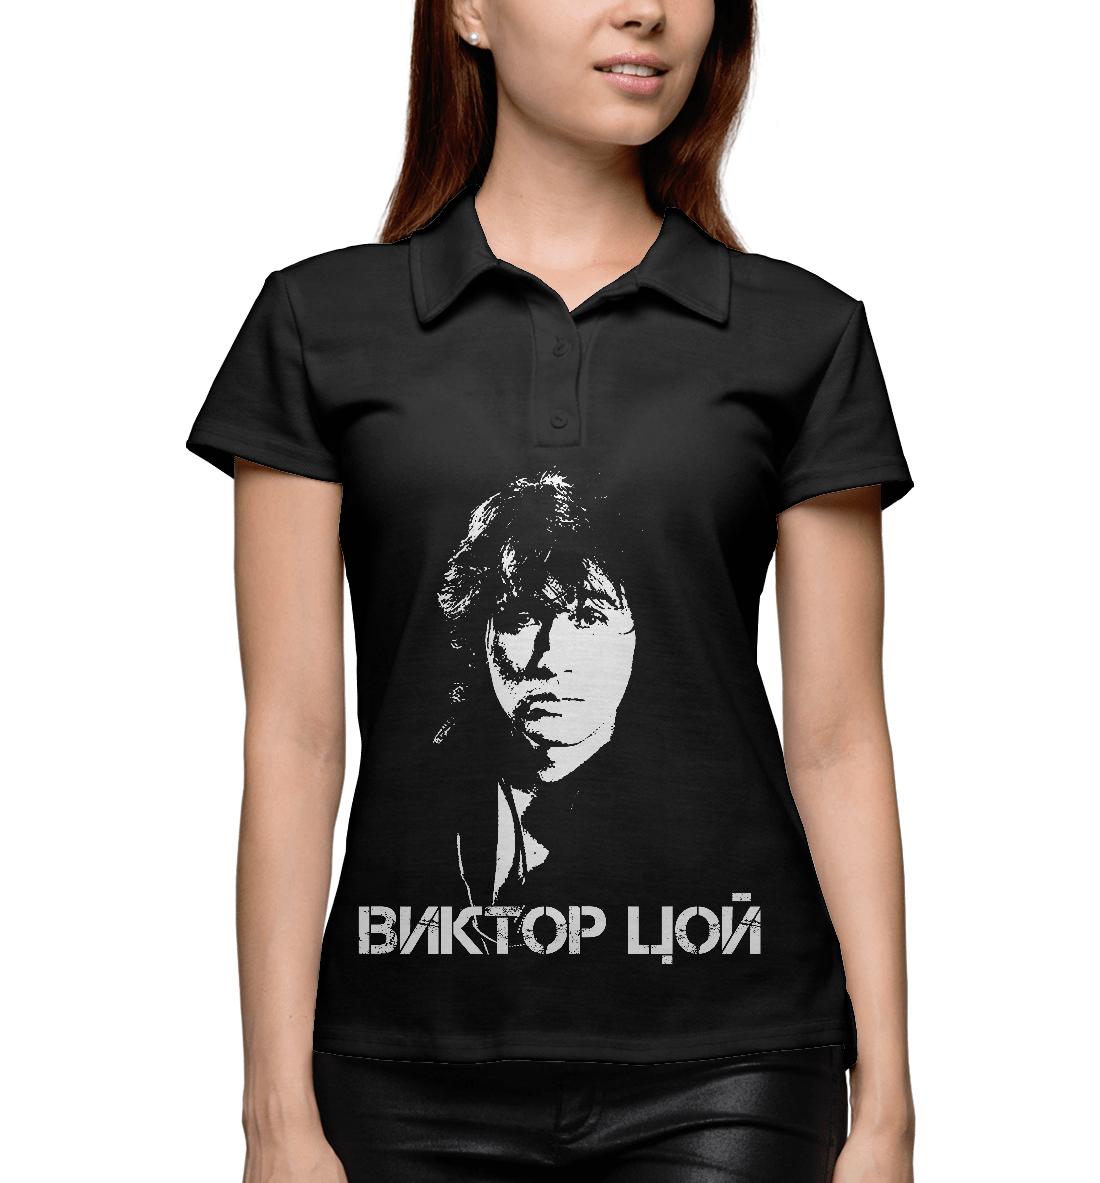 Купить Виктор Цой, Printbar, Поло, KIN-947850-pol-1